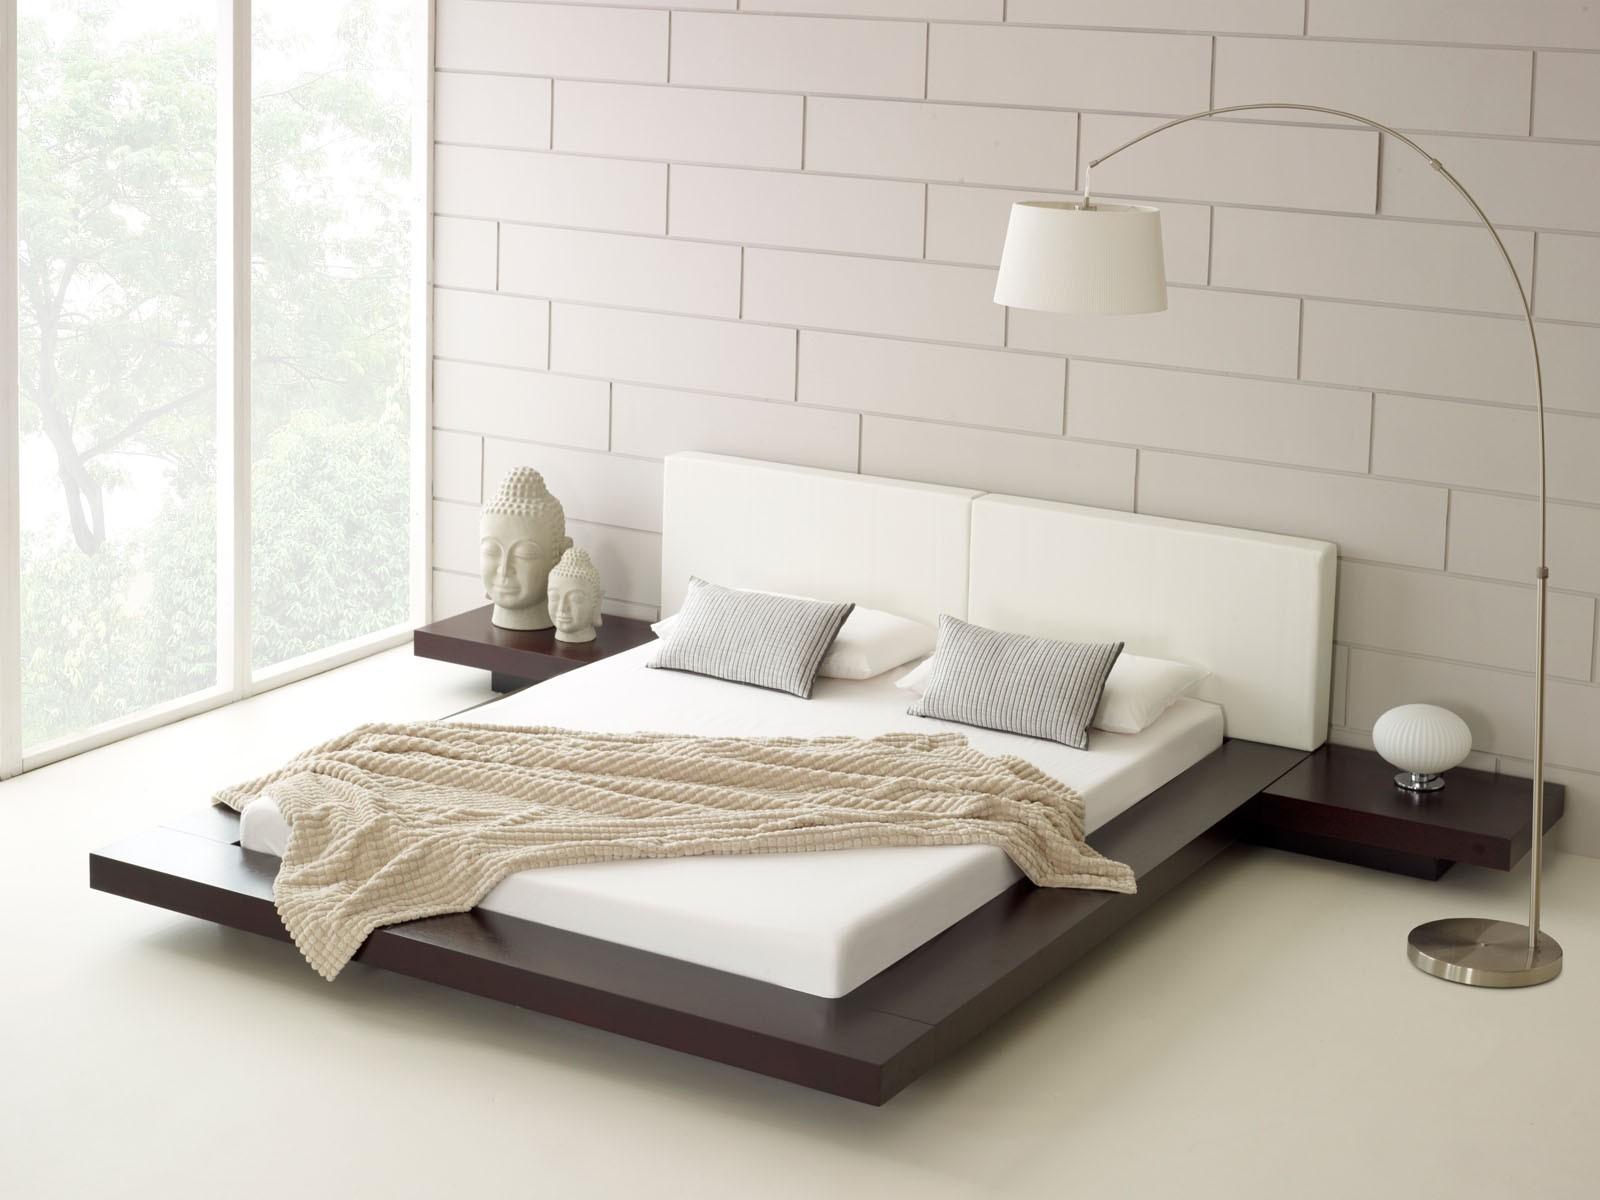 кровать с покрывалом и подушками в интерьере спальни в стиле минимализм